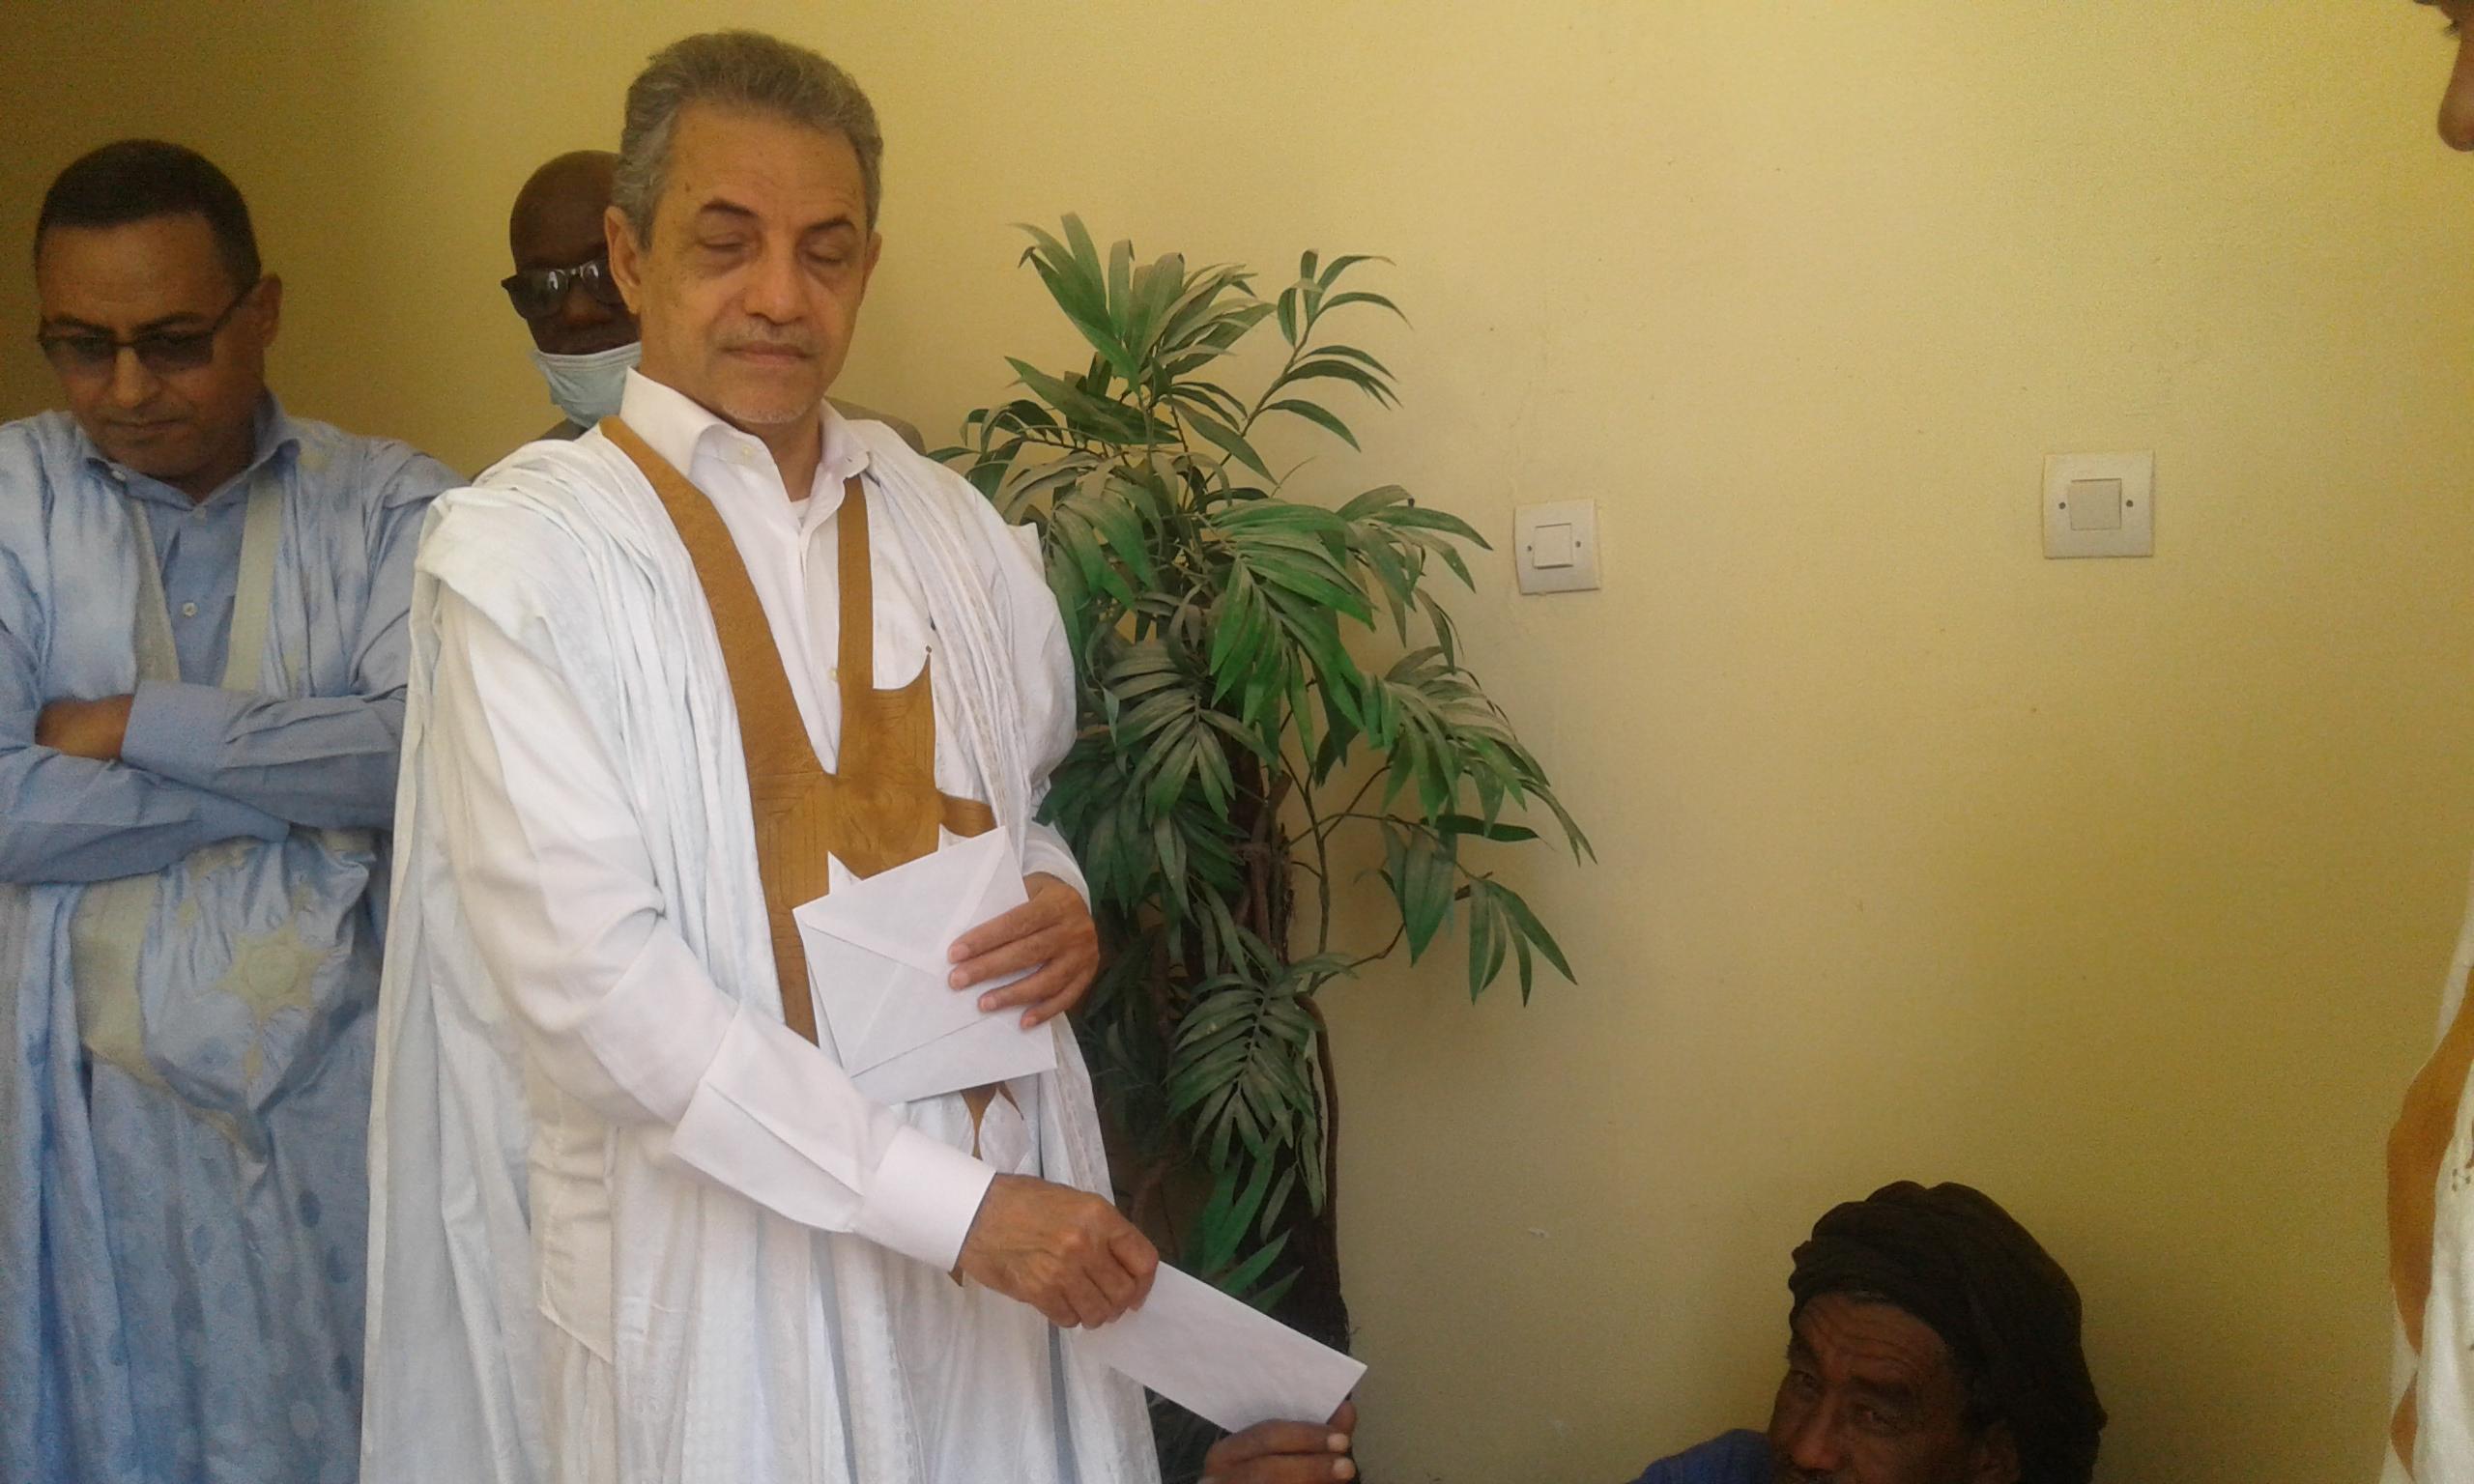 عمدة بلدية انواذيب القاسم ولد بلالي